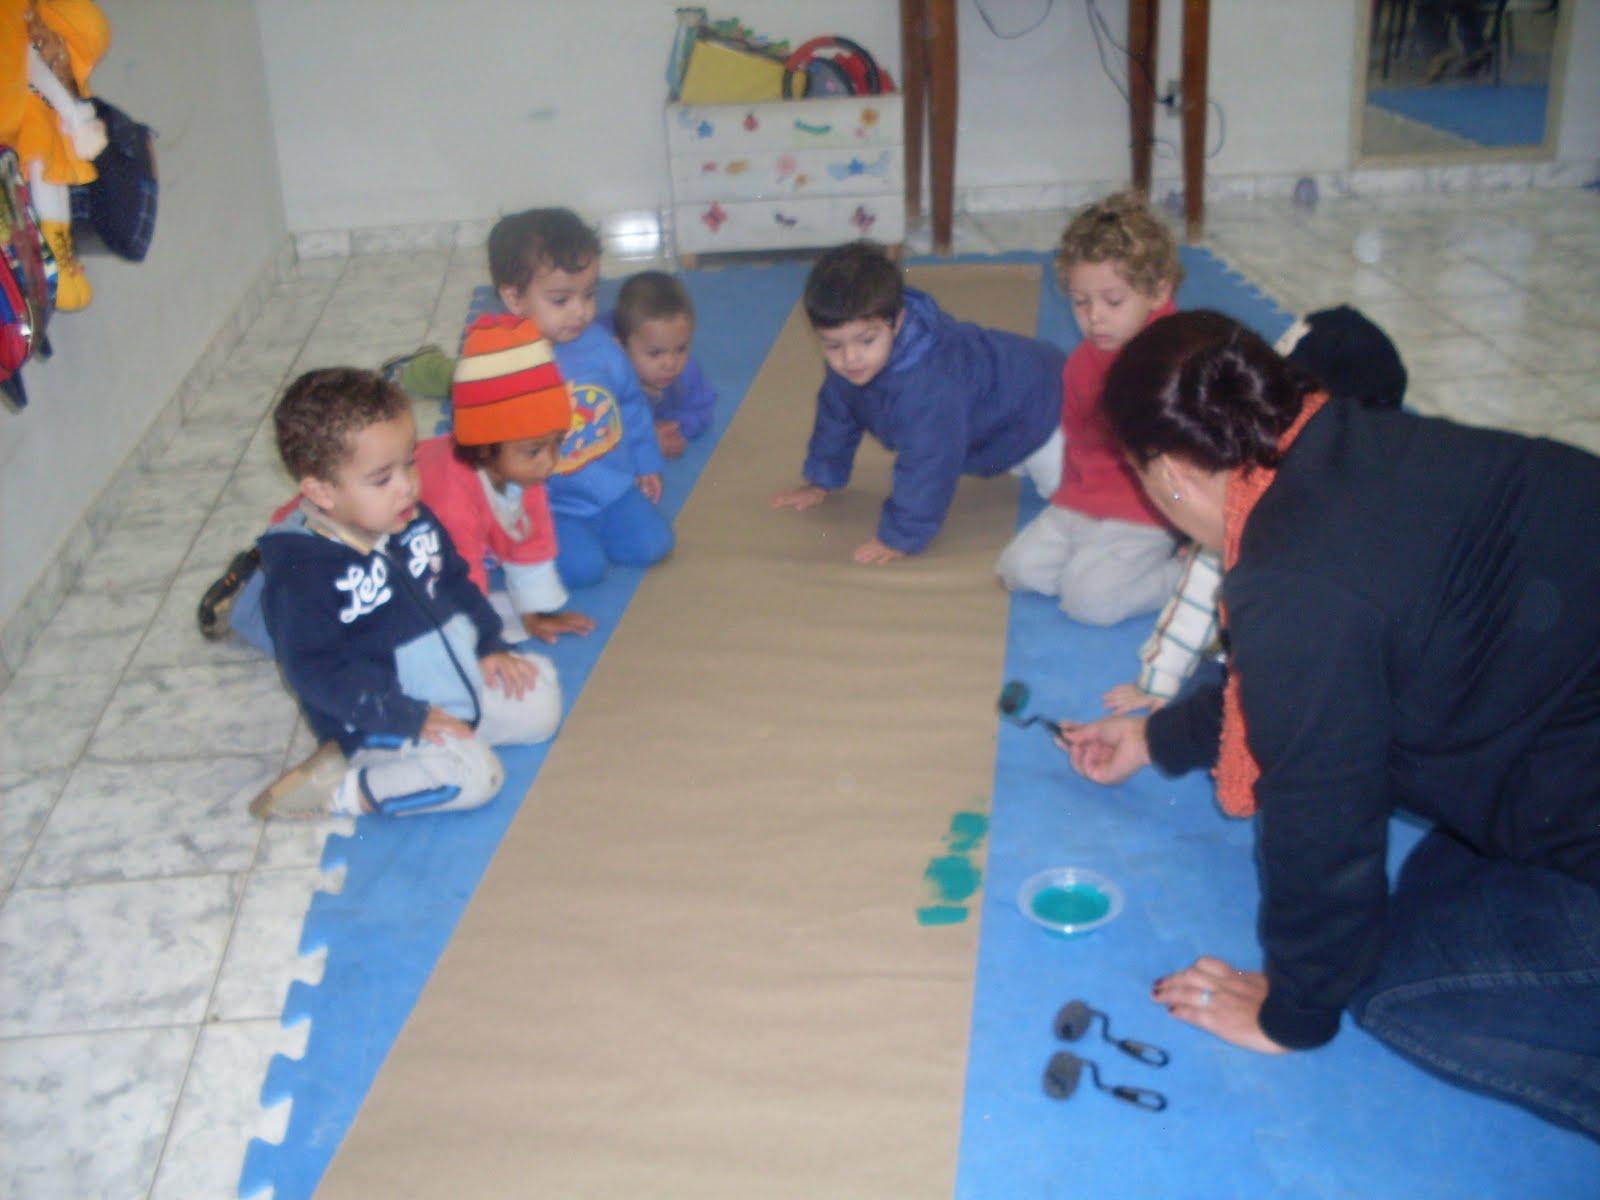 #2E619D Centros de Educação Infantil 0 a 3 anos: Projeto Meio Ambiente 1600x1200 px Projeto Cozinha Na Educação Infantil_4295 Imagens